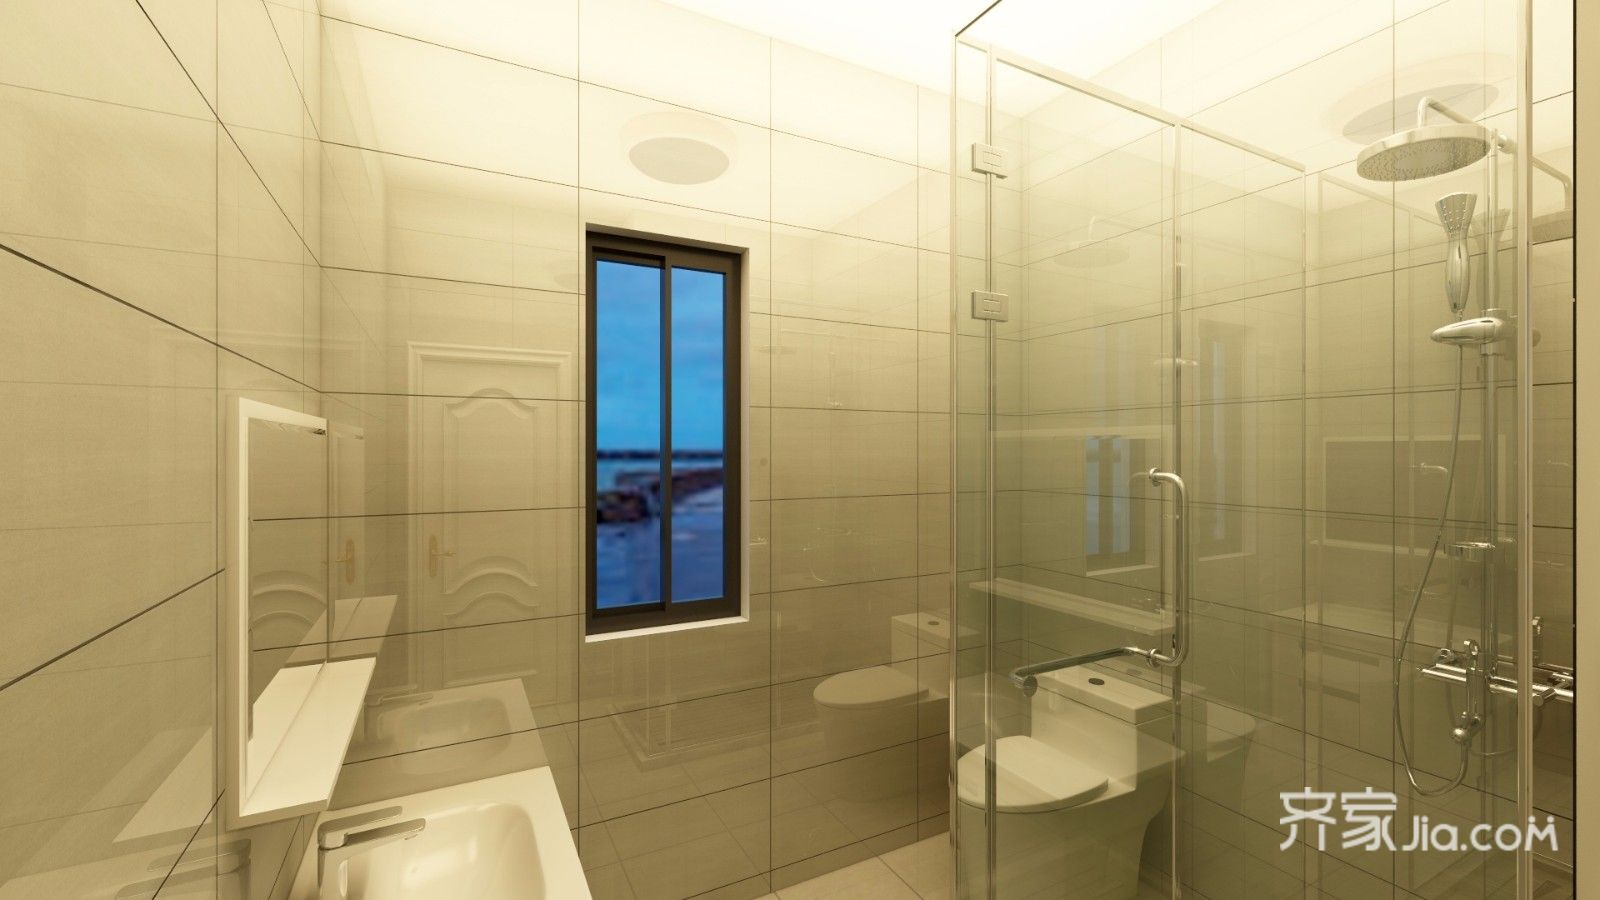 90㎡混搭风格二居卫生间装修效果图